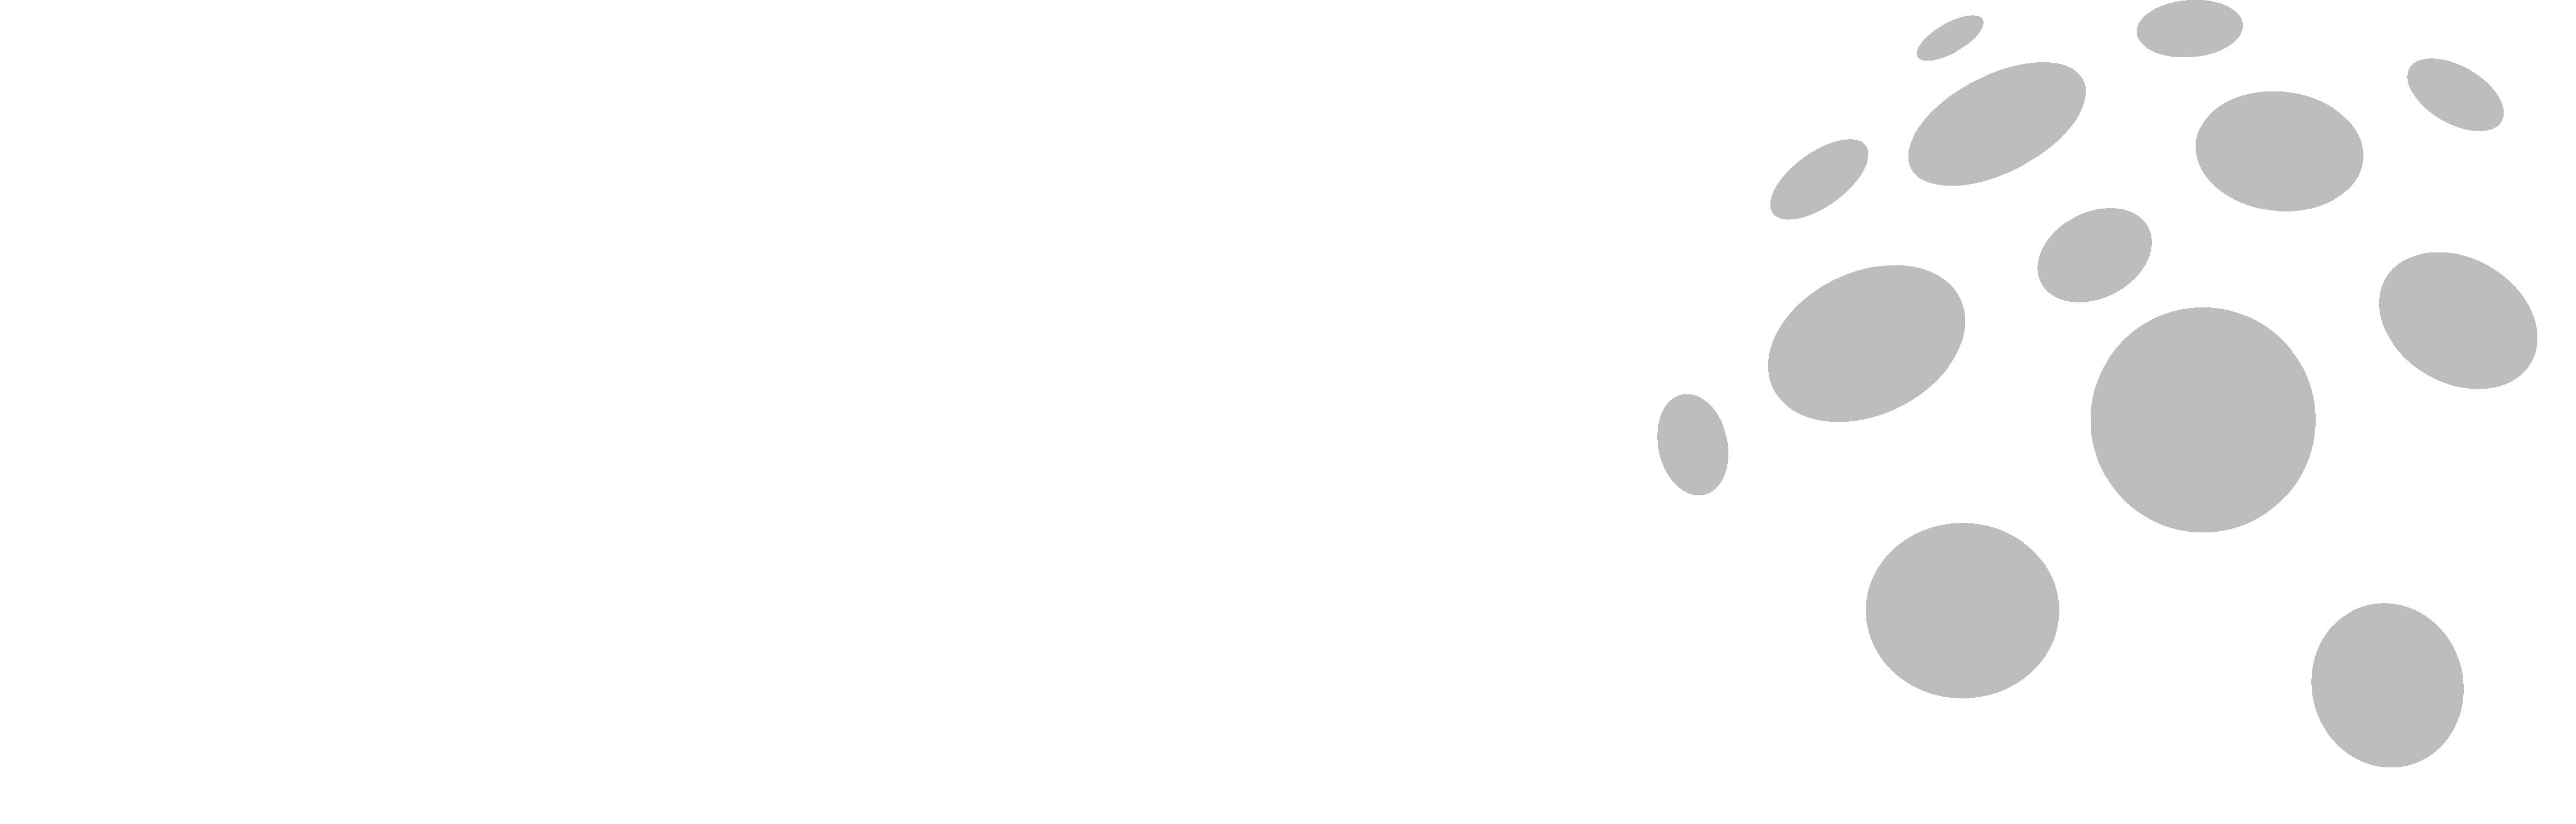 Advanced Technology International: Consortium Management Firm